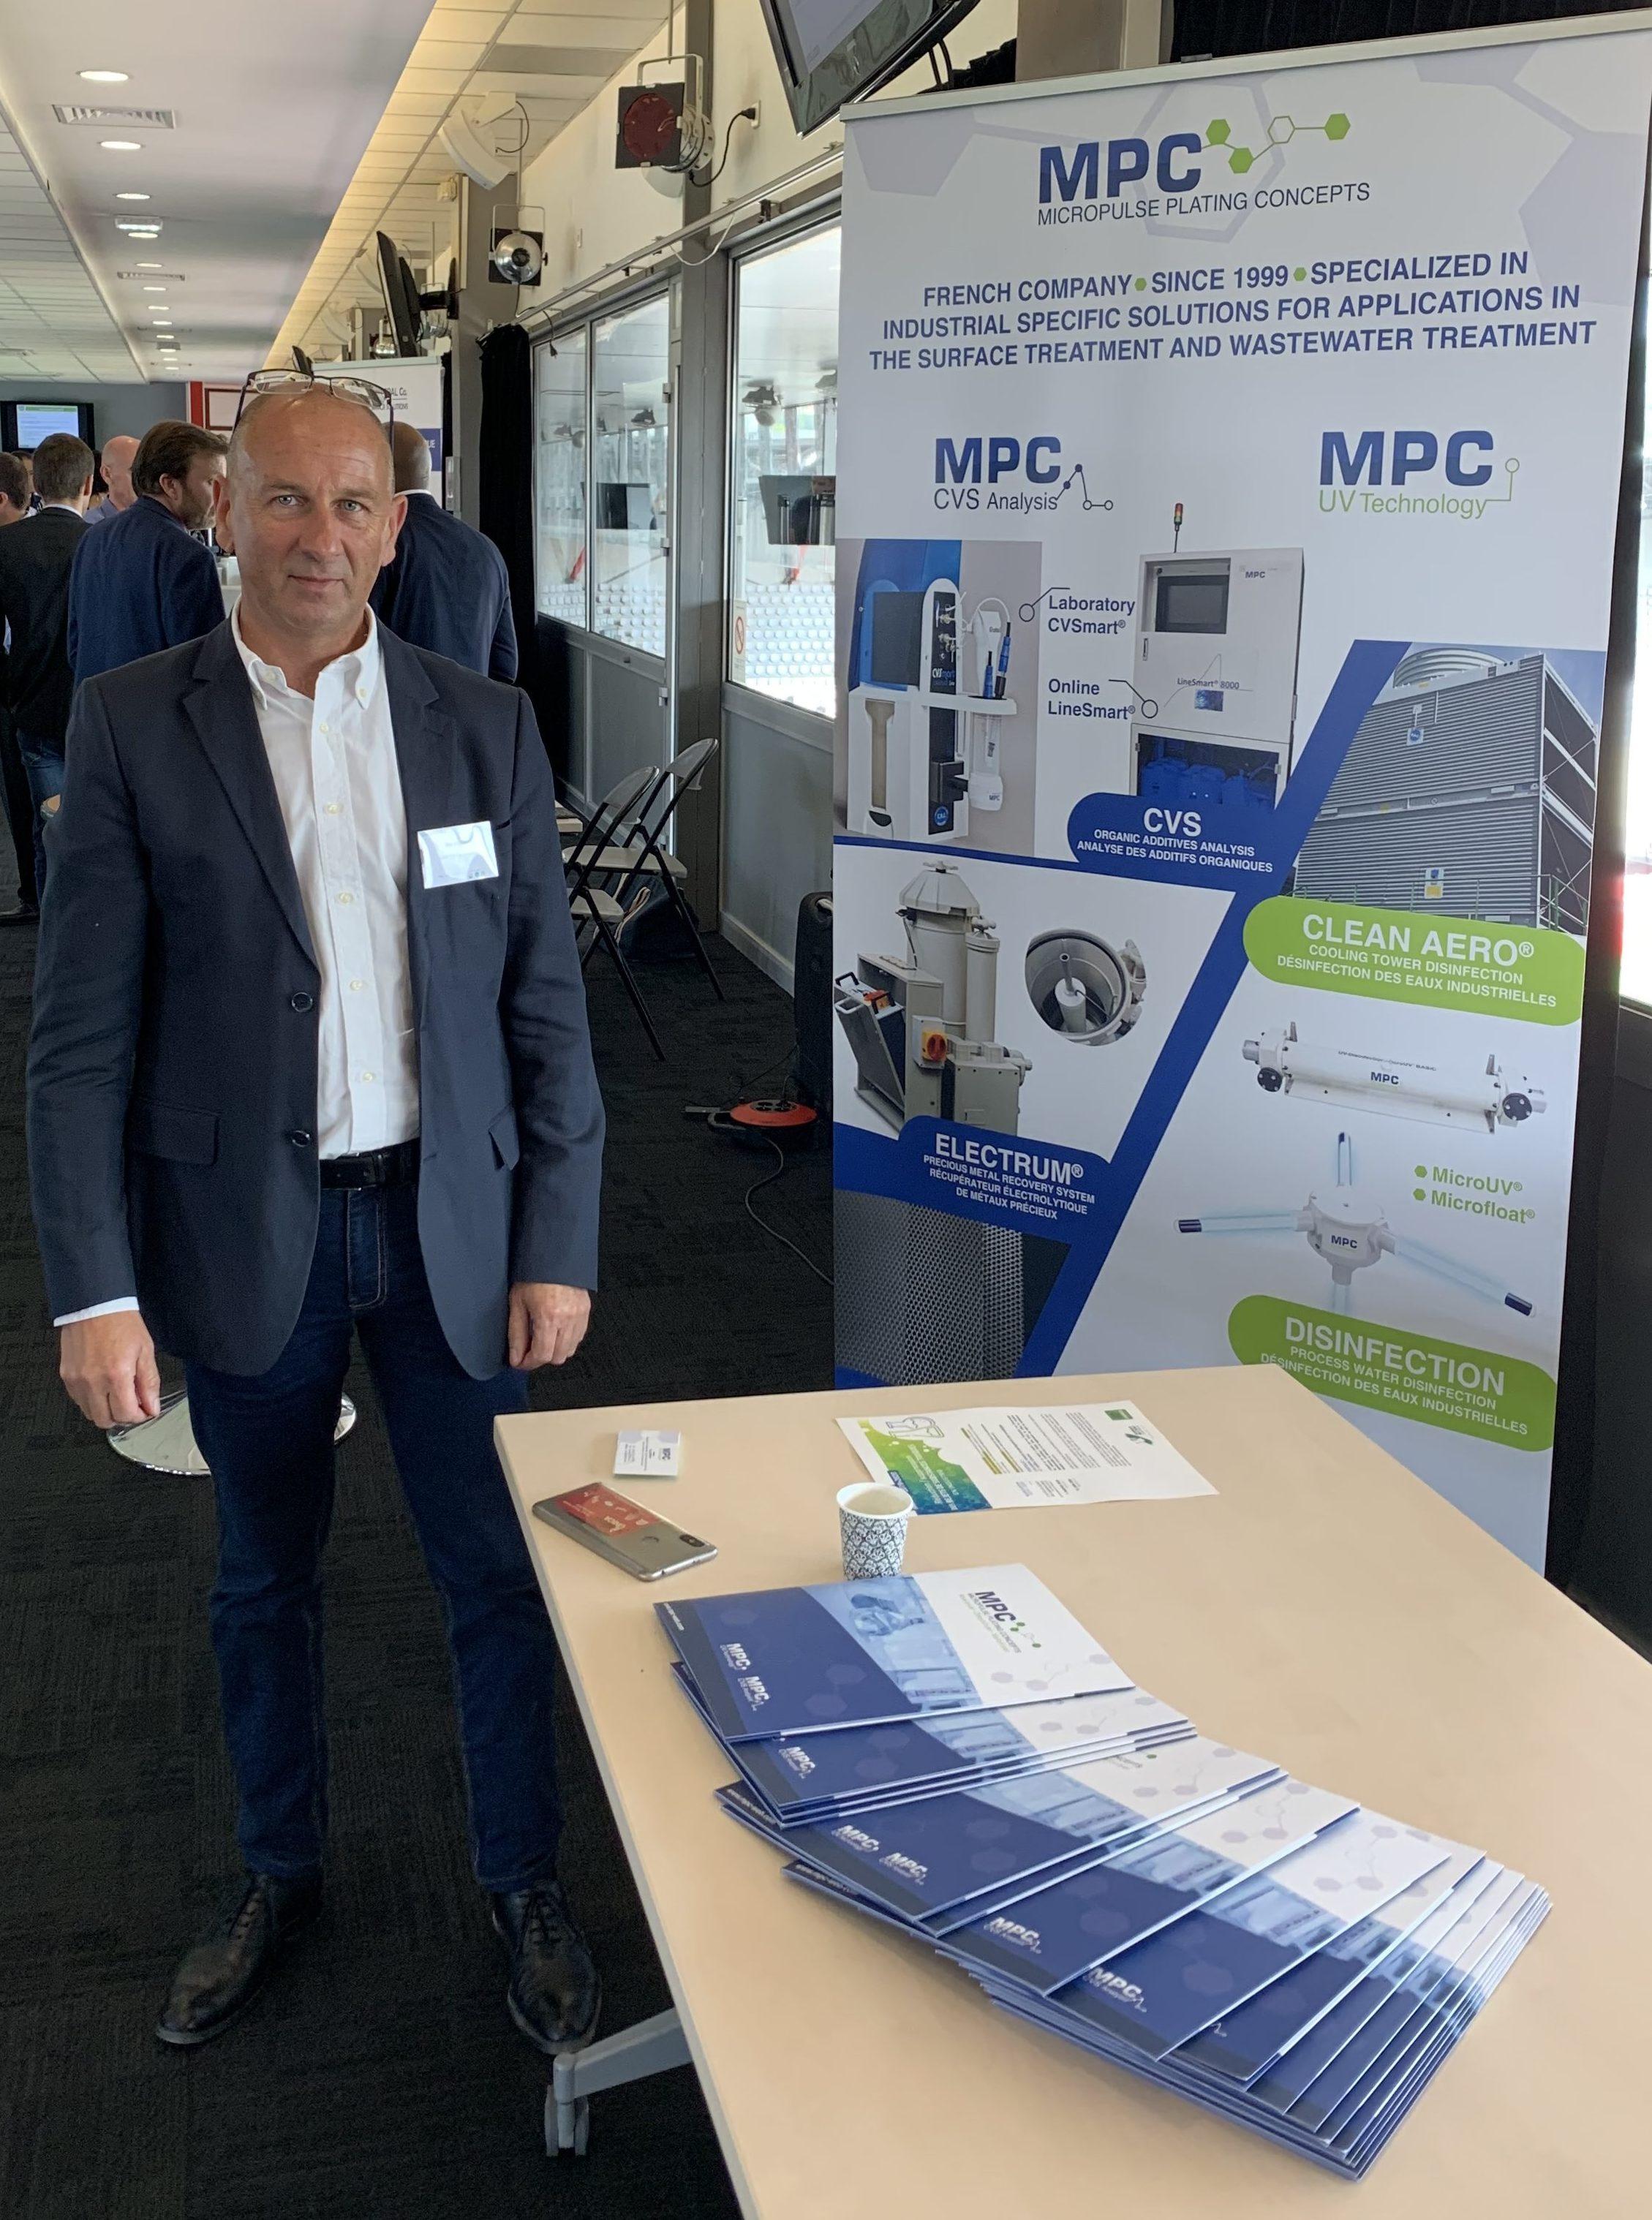 MPC présent à Hydreos- Journée technique nationale dépôts biofilms le 05/09/2019 à Nancy